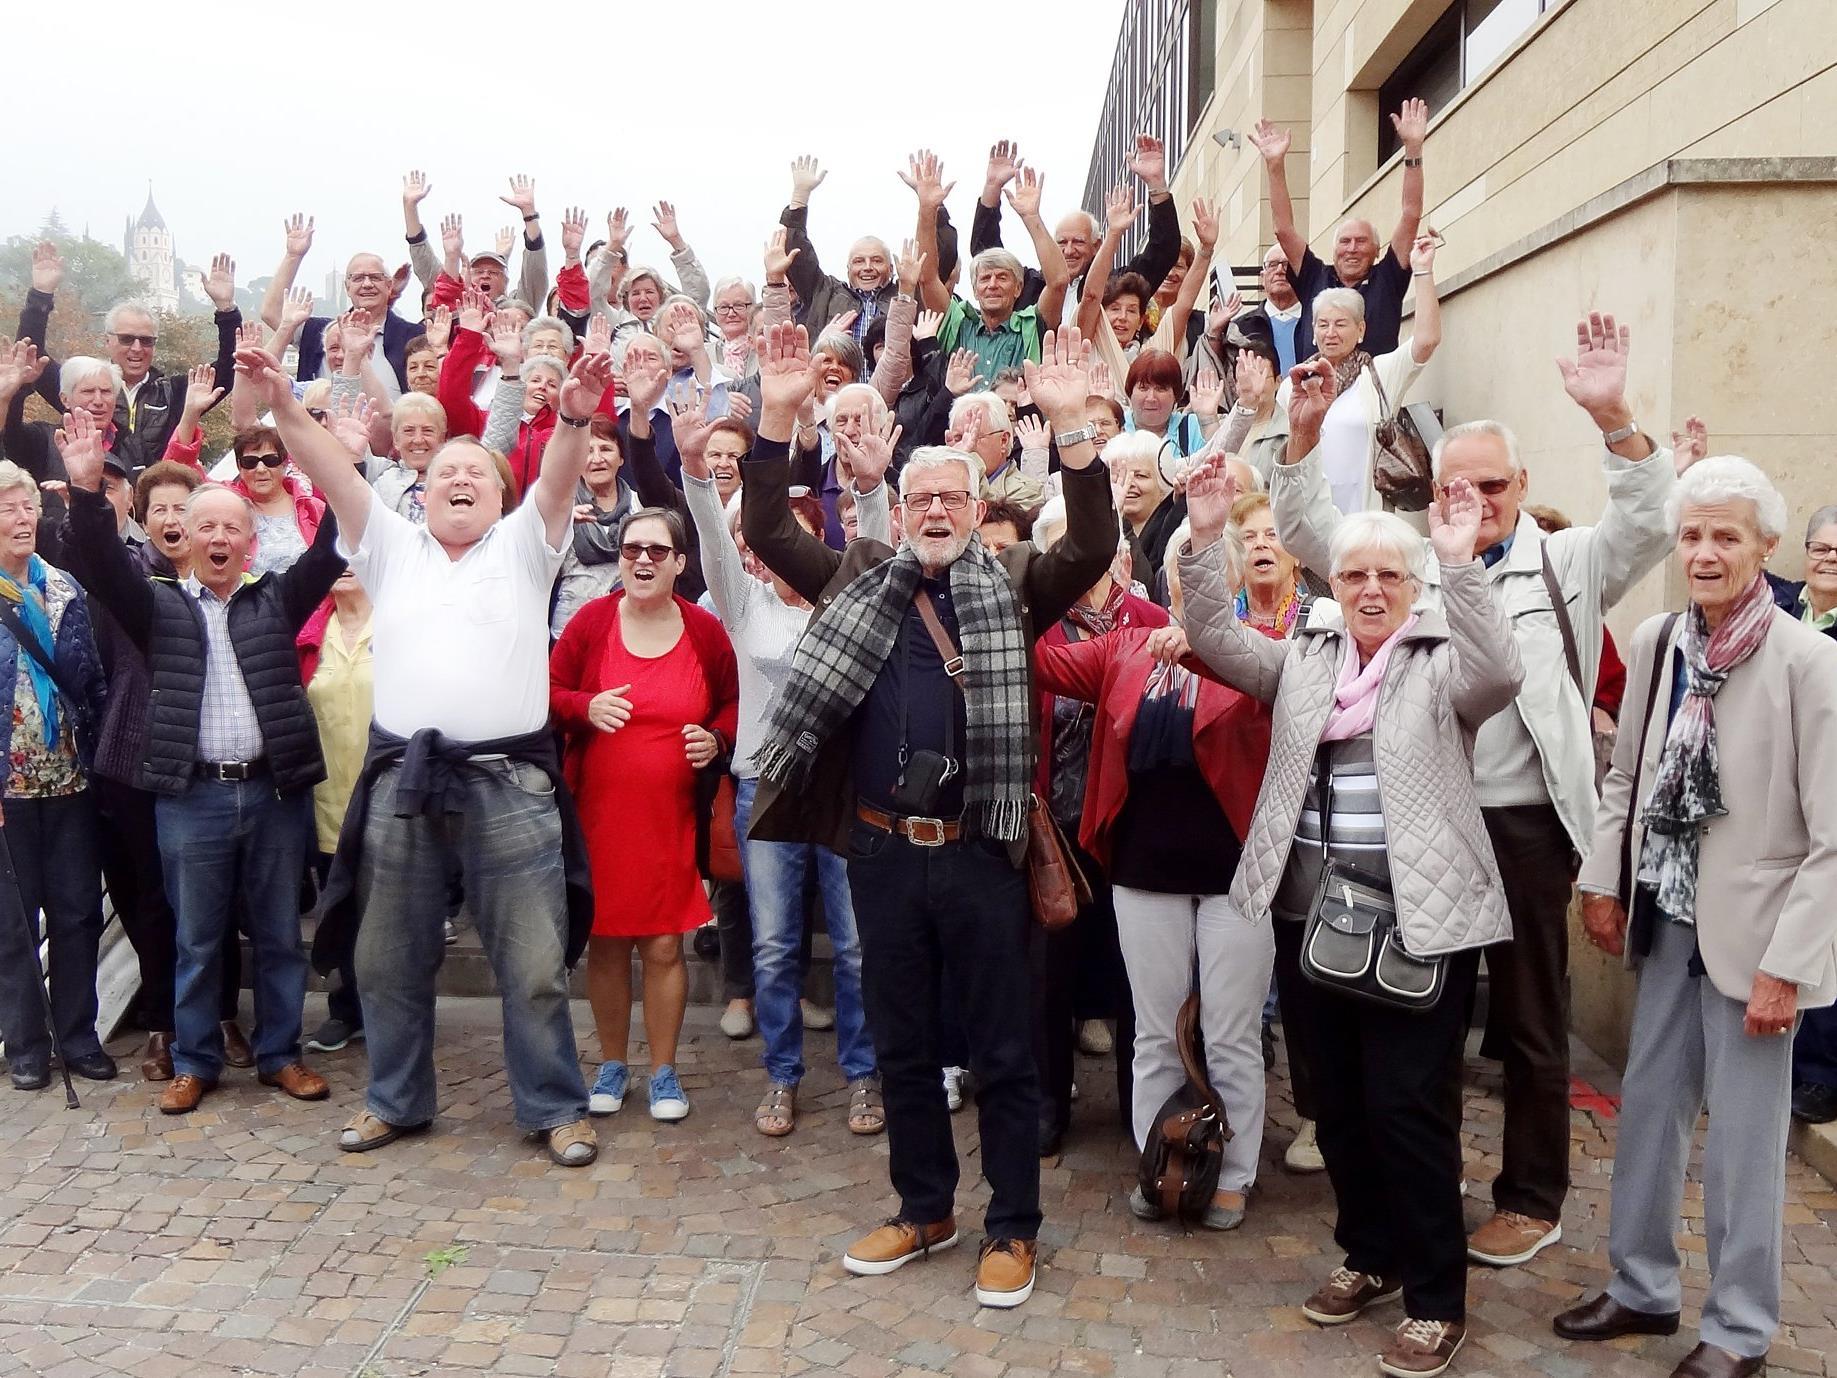 Beste Stimmung herrschte bei der Musikreise des Seniorenbundes im Südtirol